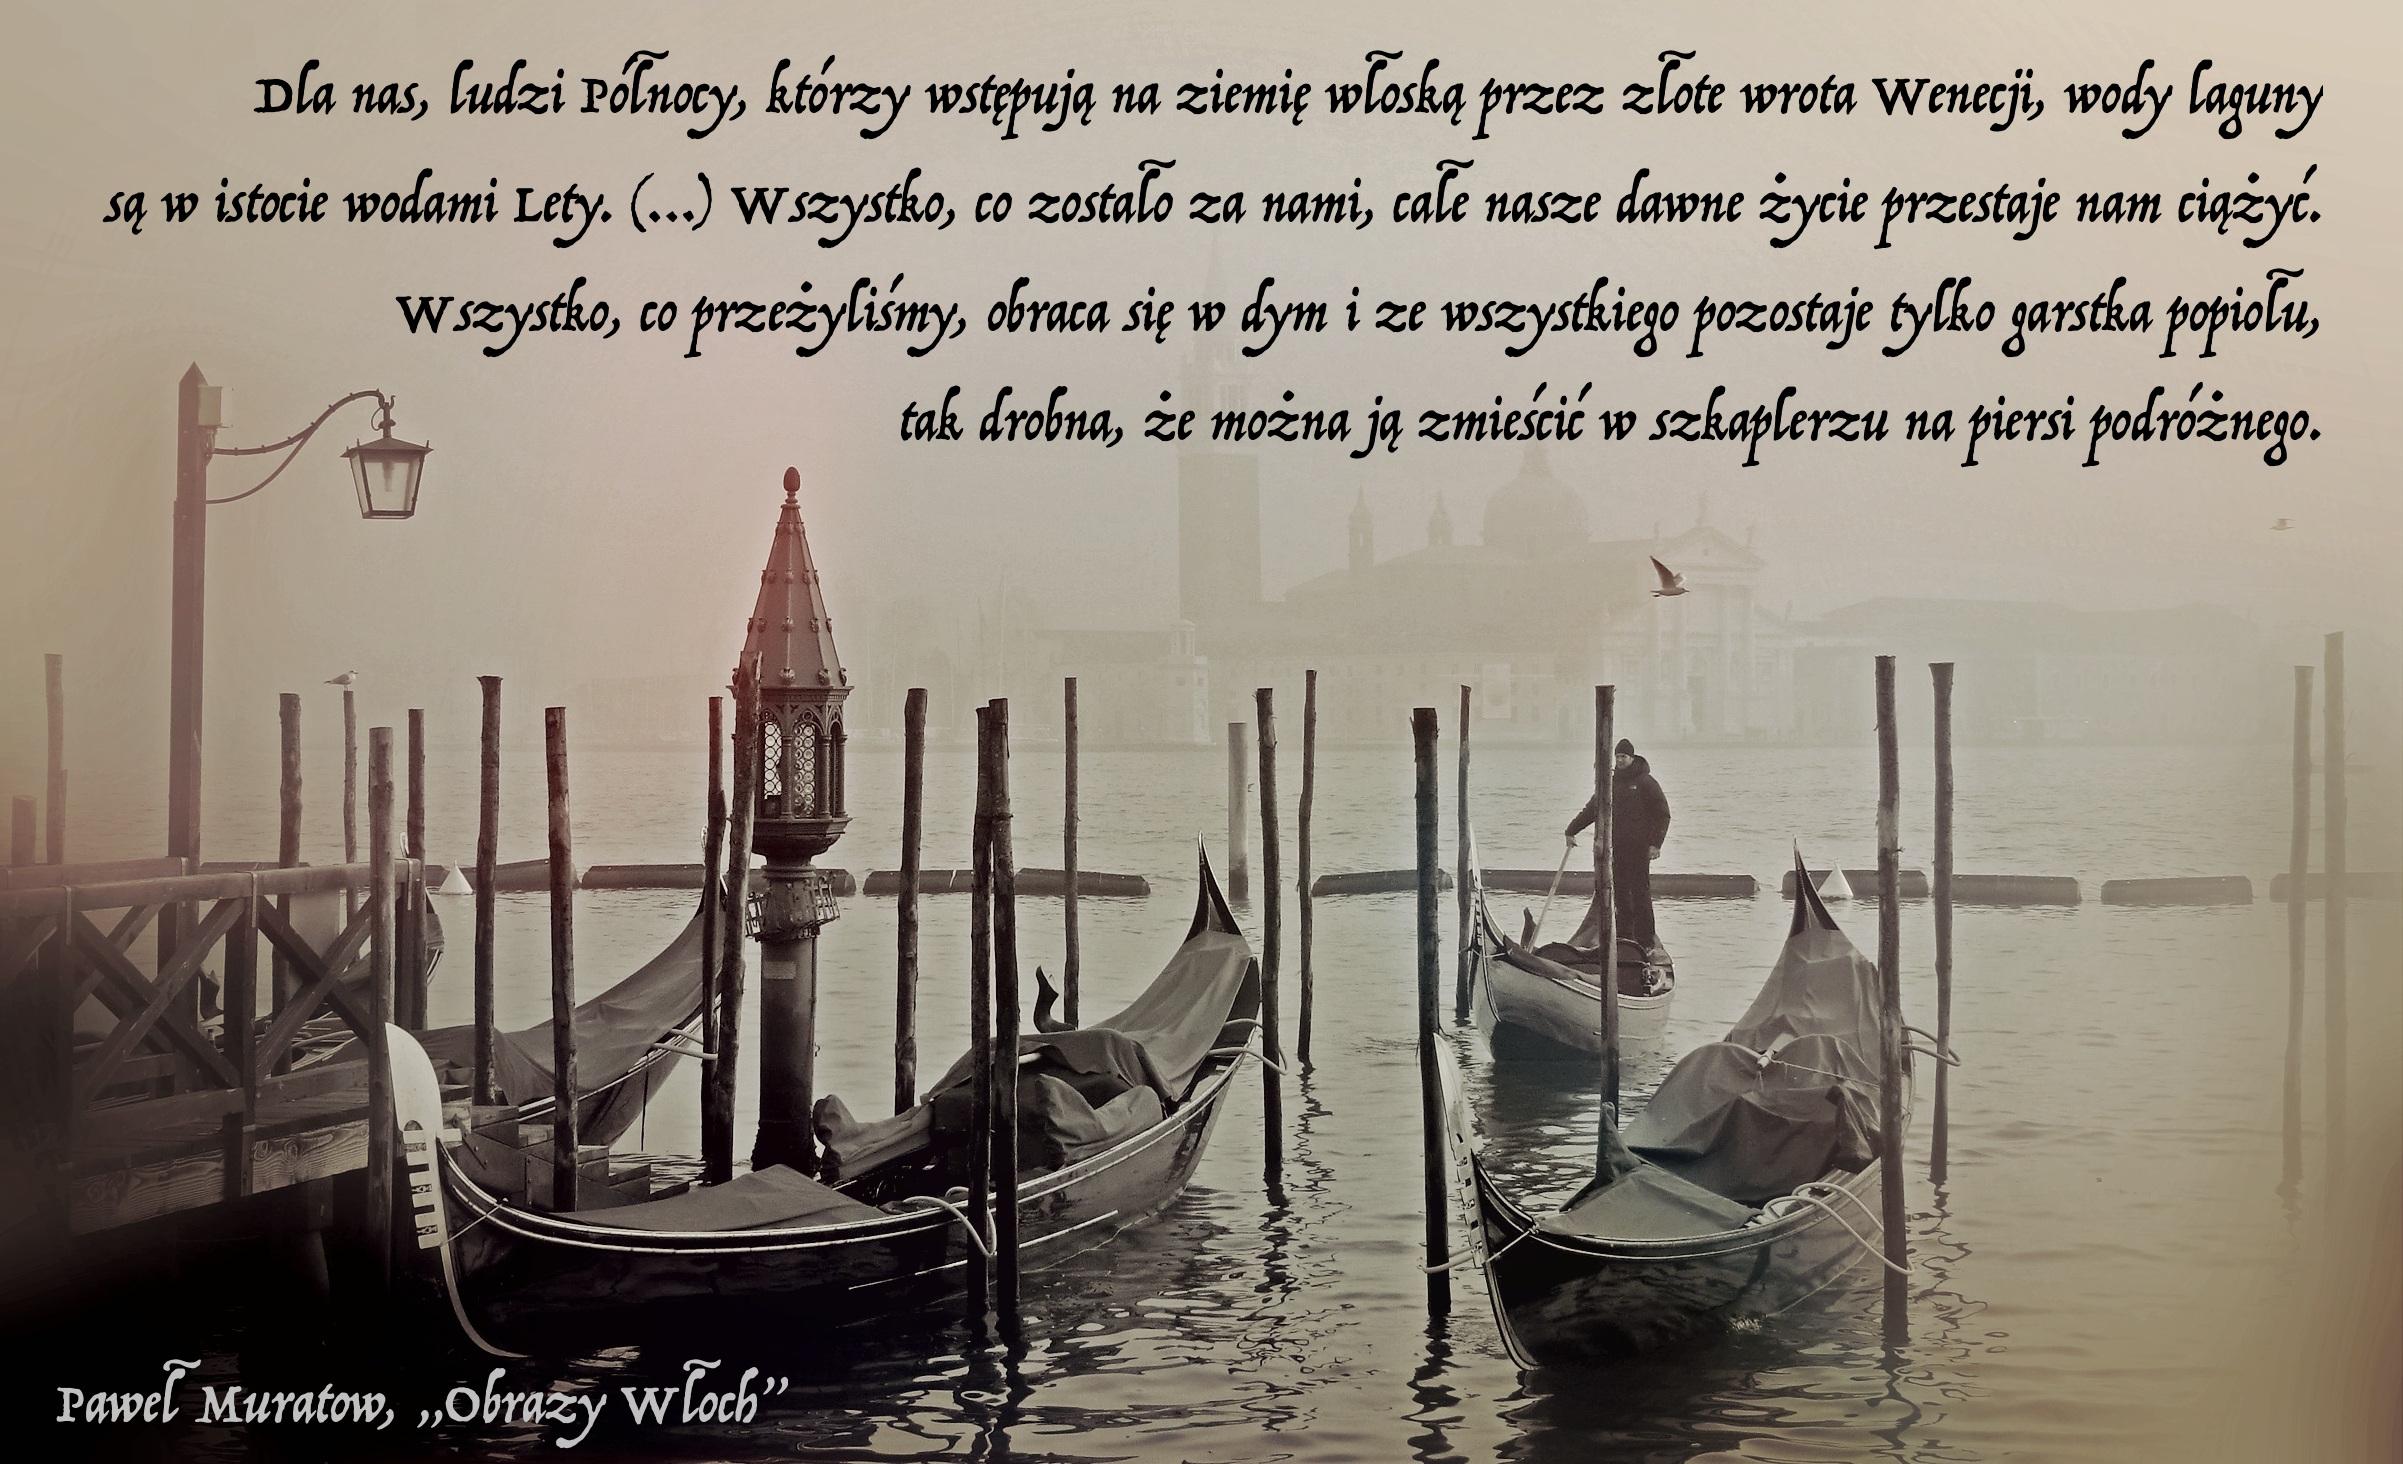 Nad wodami Lety [1/4]: Duch północnych Włoch